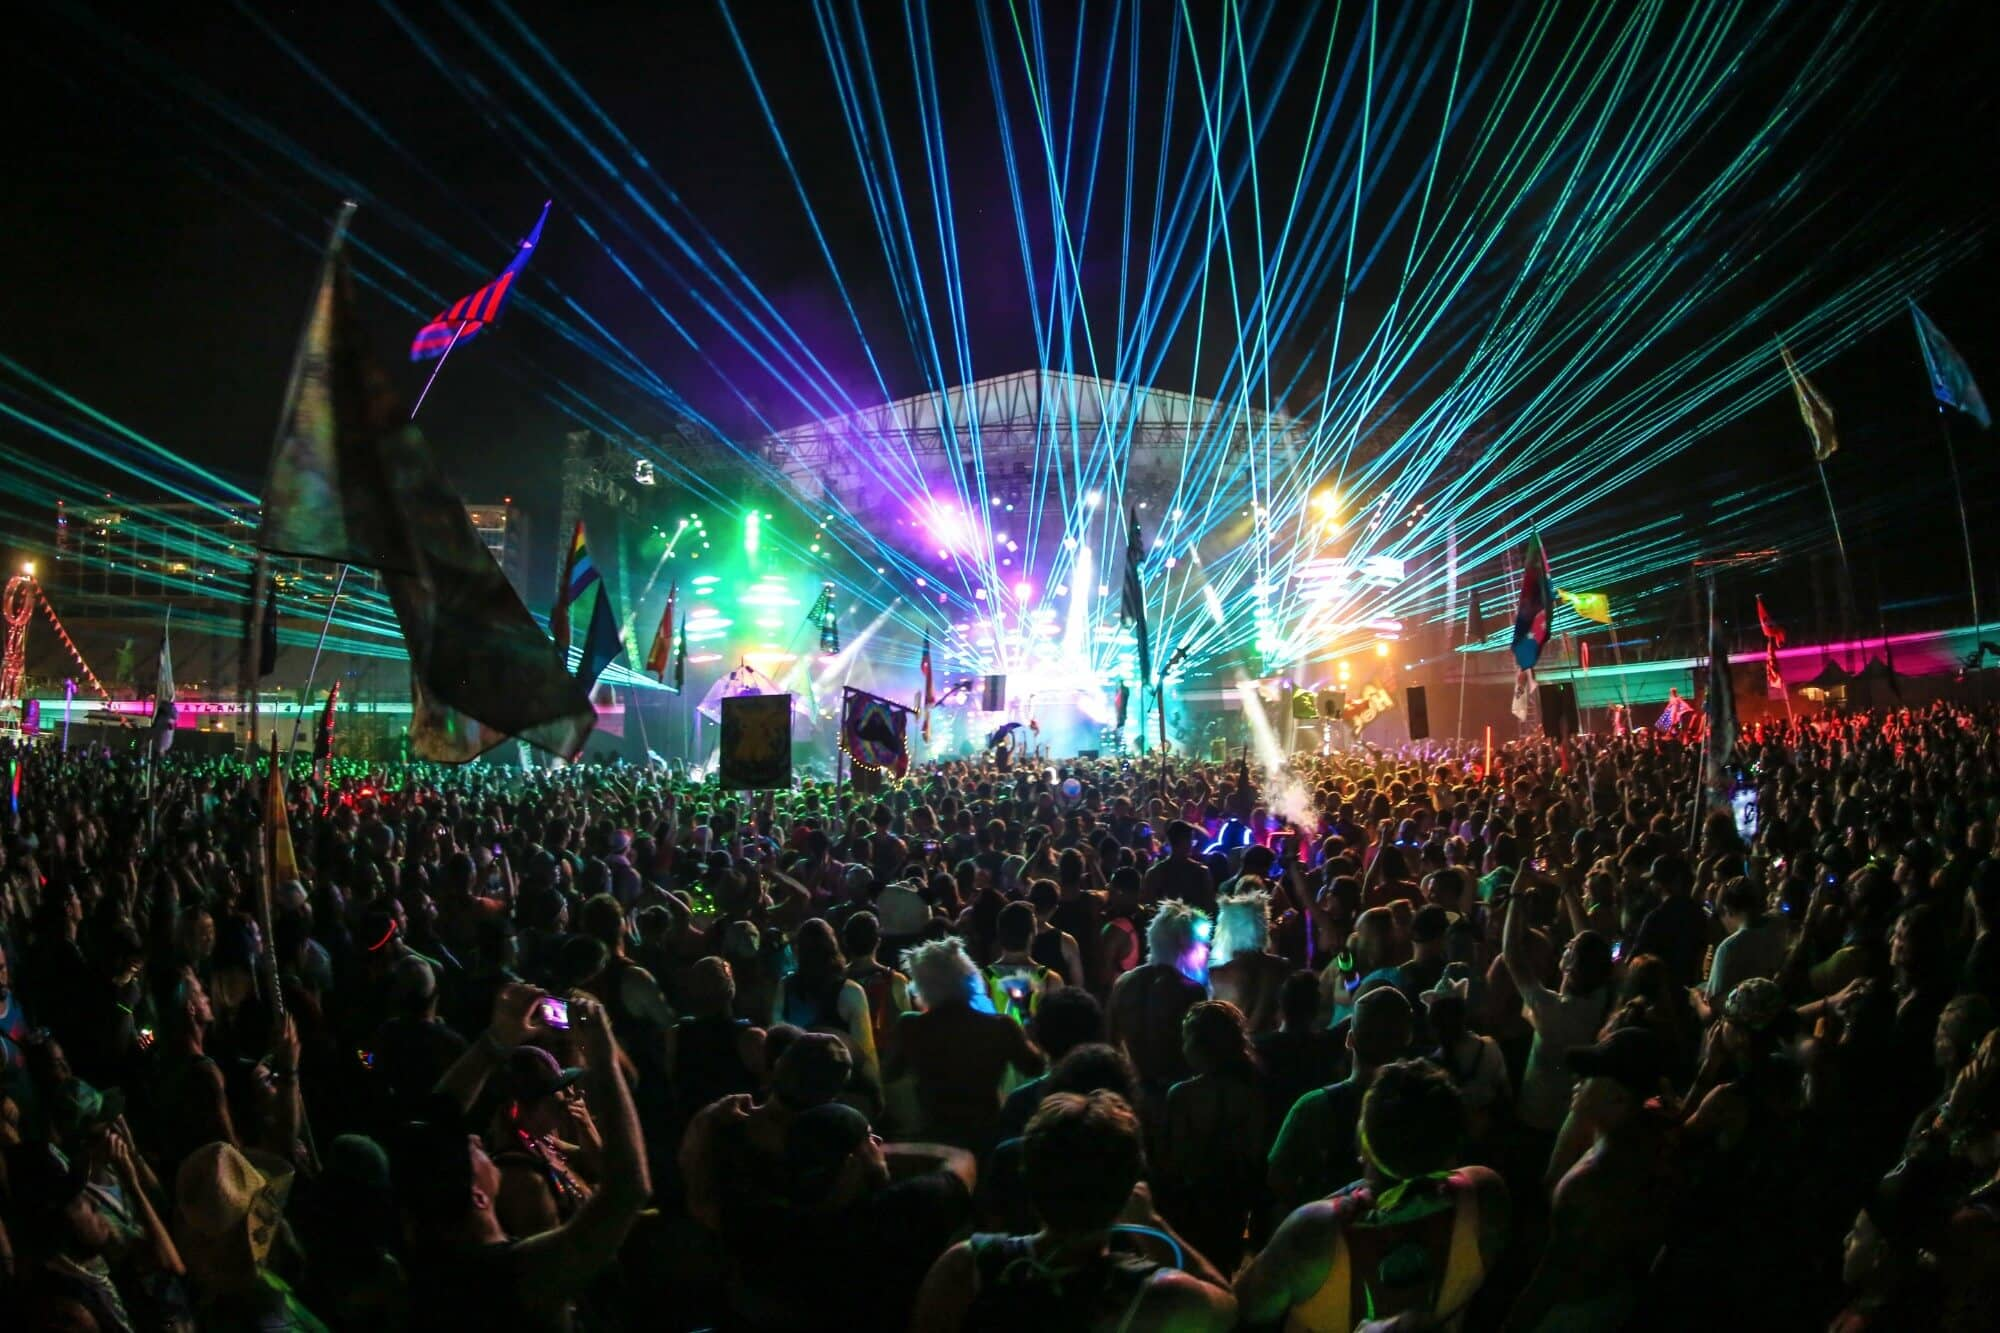 Les 3 plus grands concerts de techno au monde